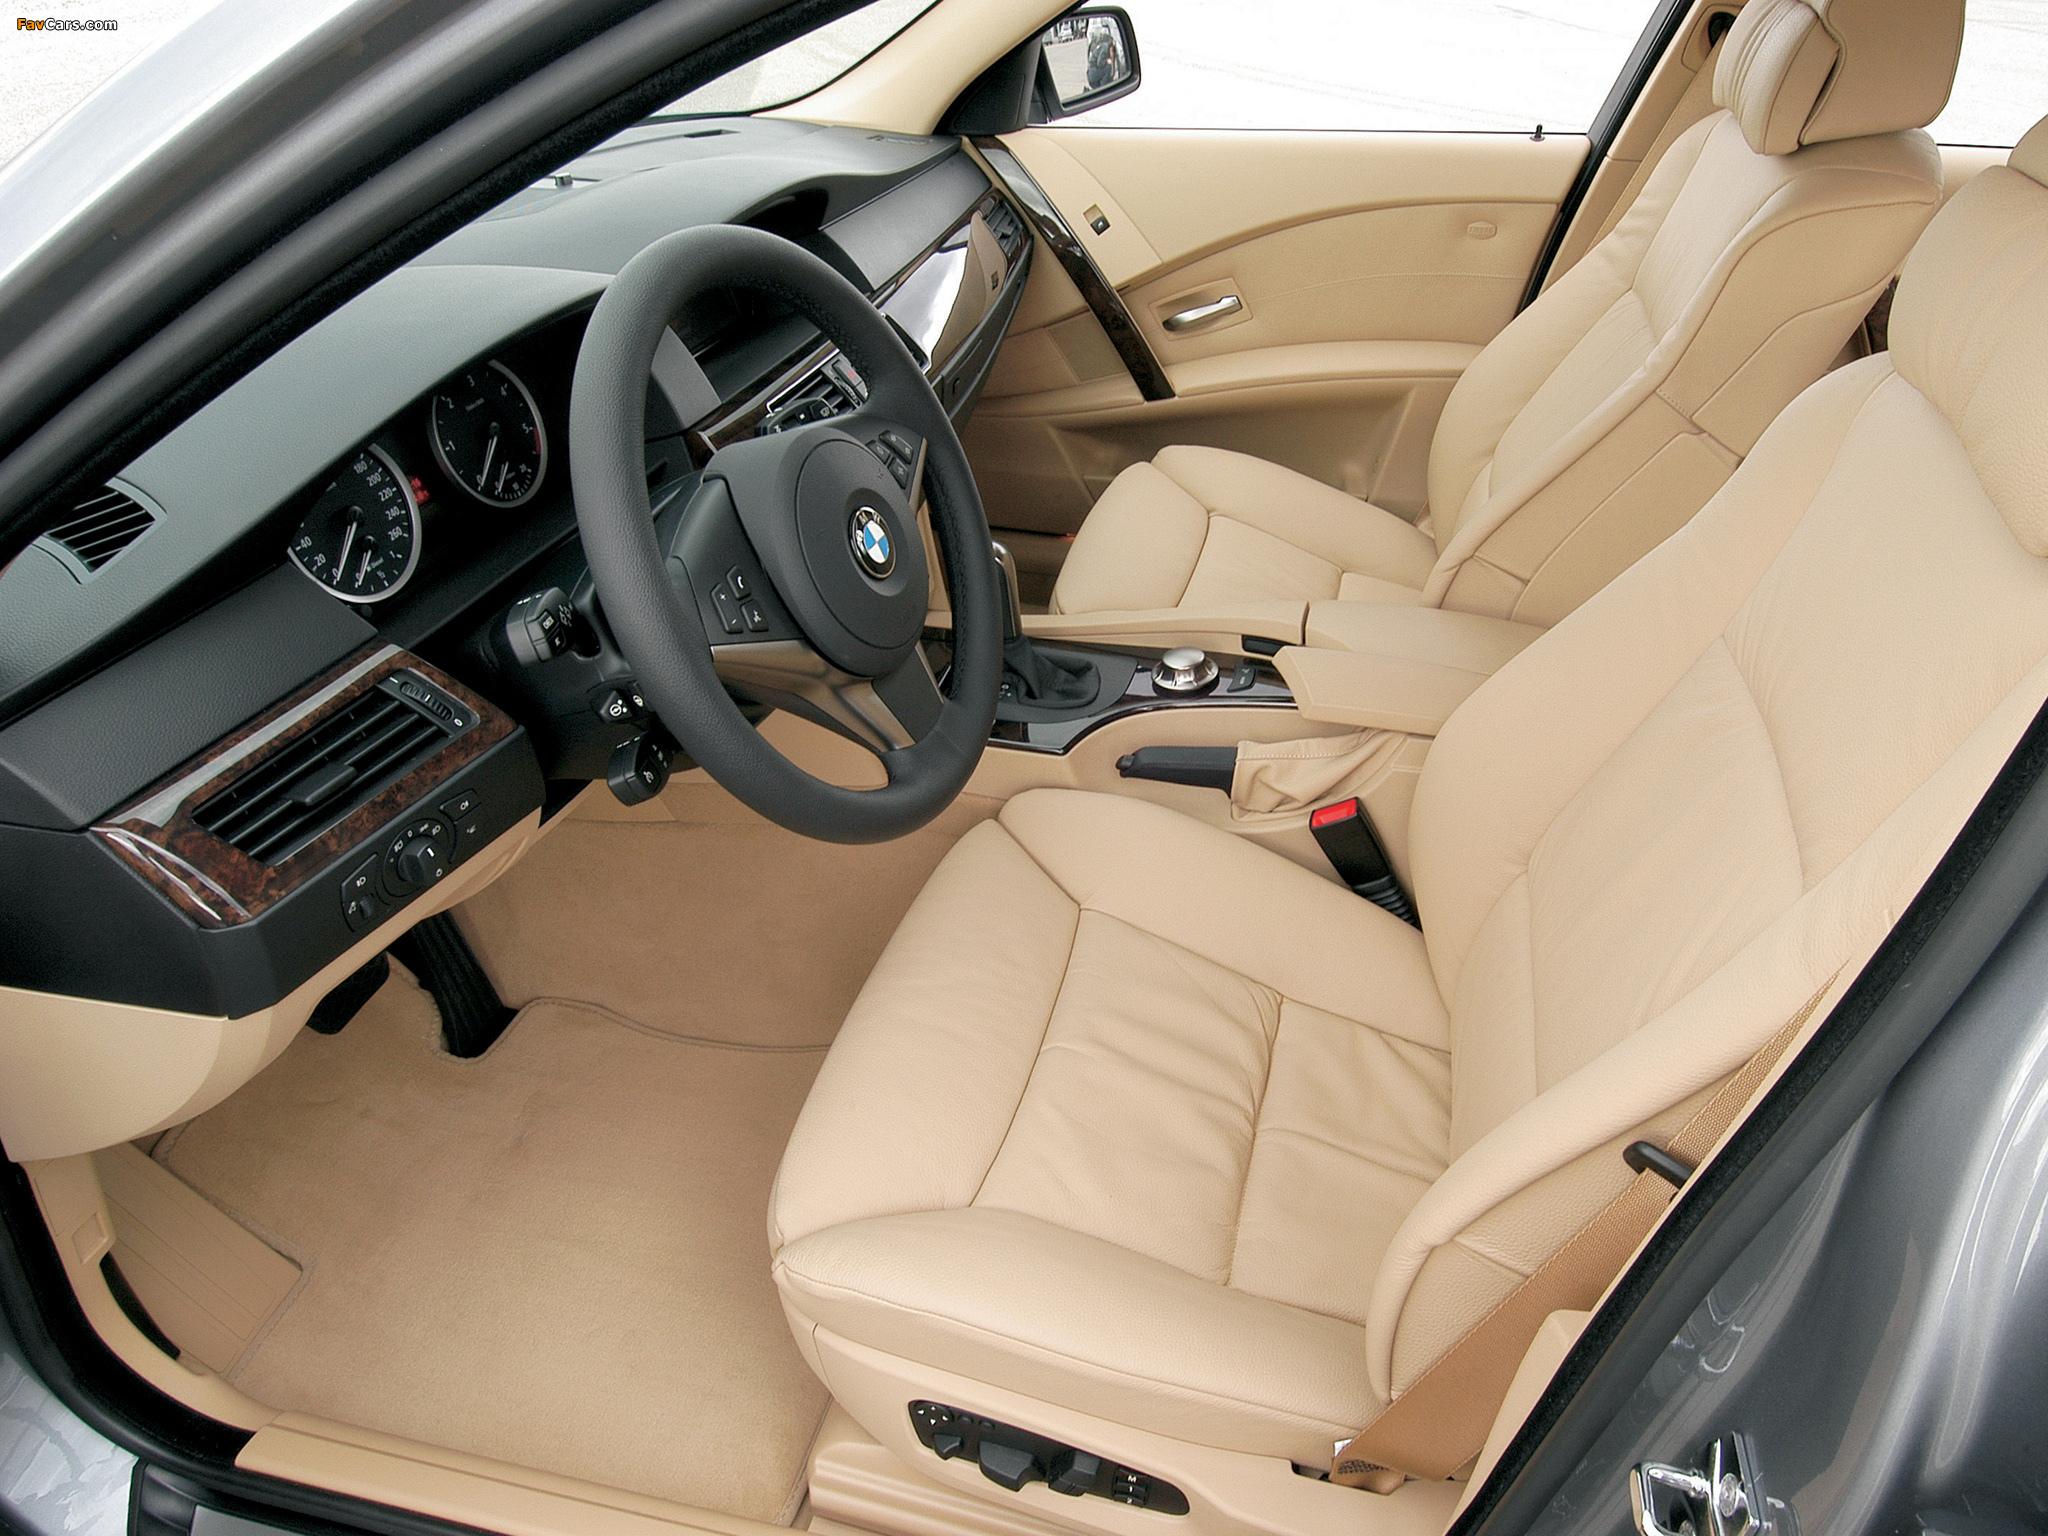 Где в BMW 5 E60 расположена акустика (колонки и сабвуфер)